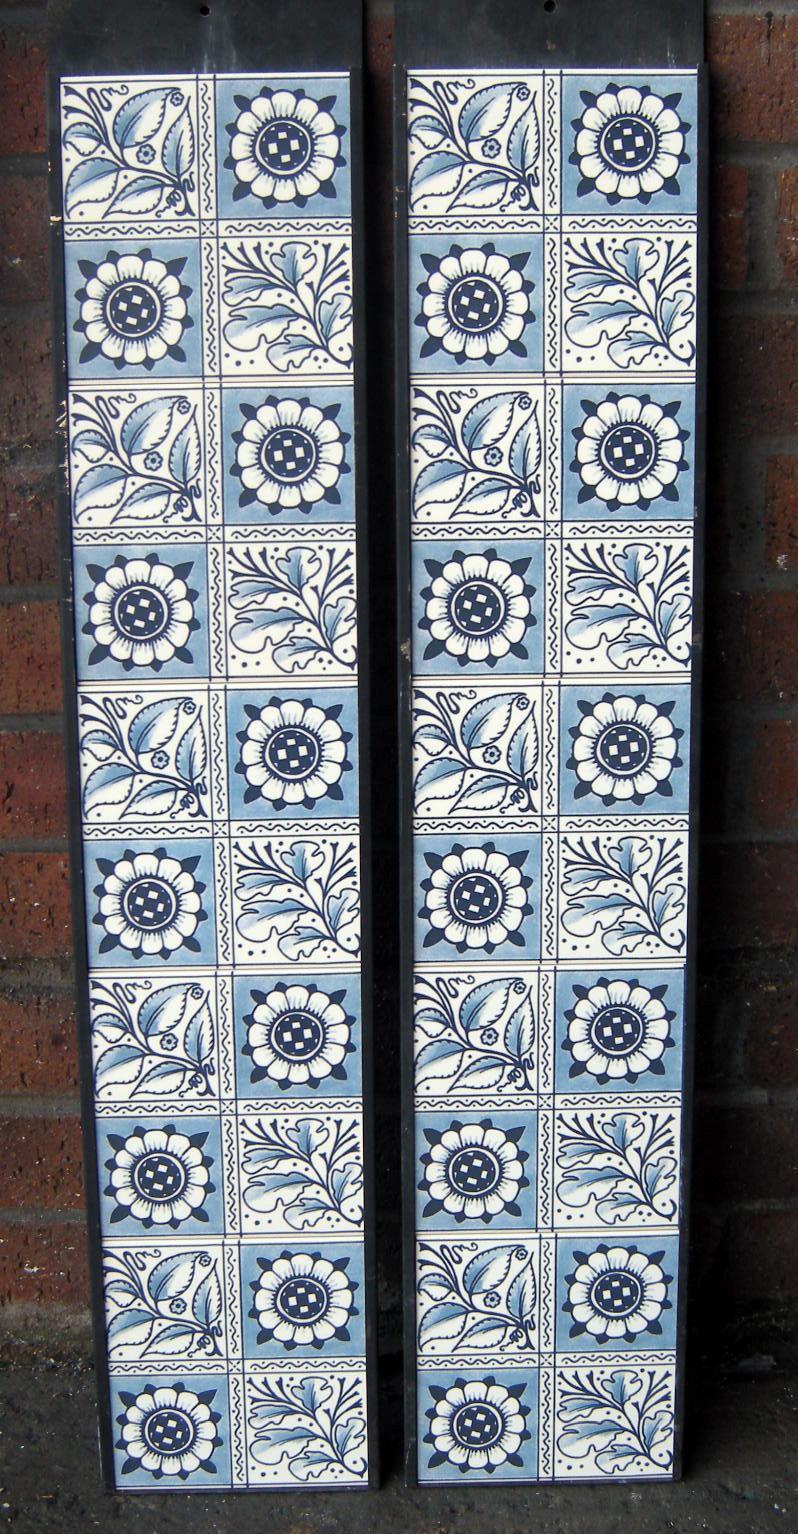 William Morris Oakleaf Design Fireplace Tiles Set